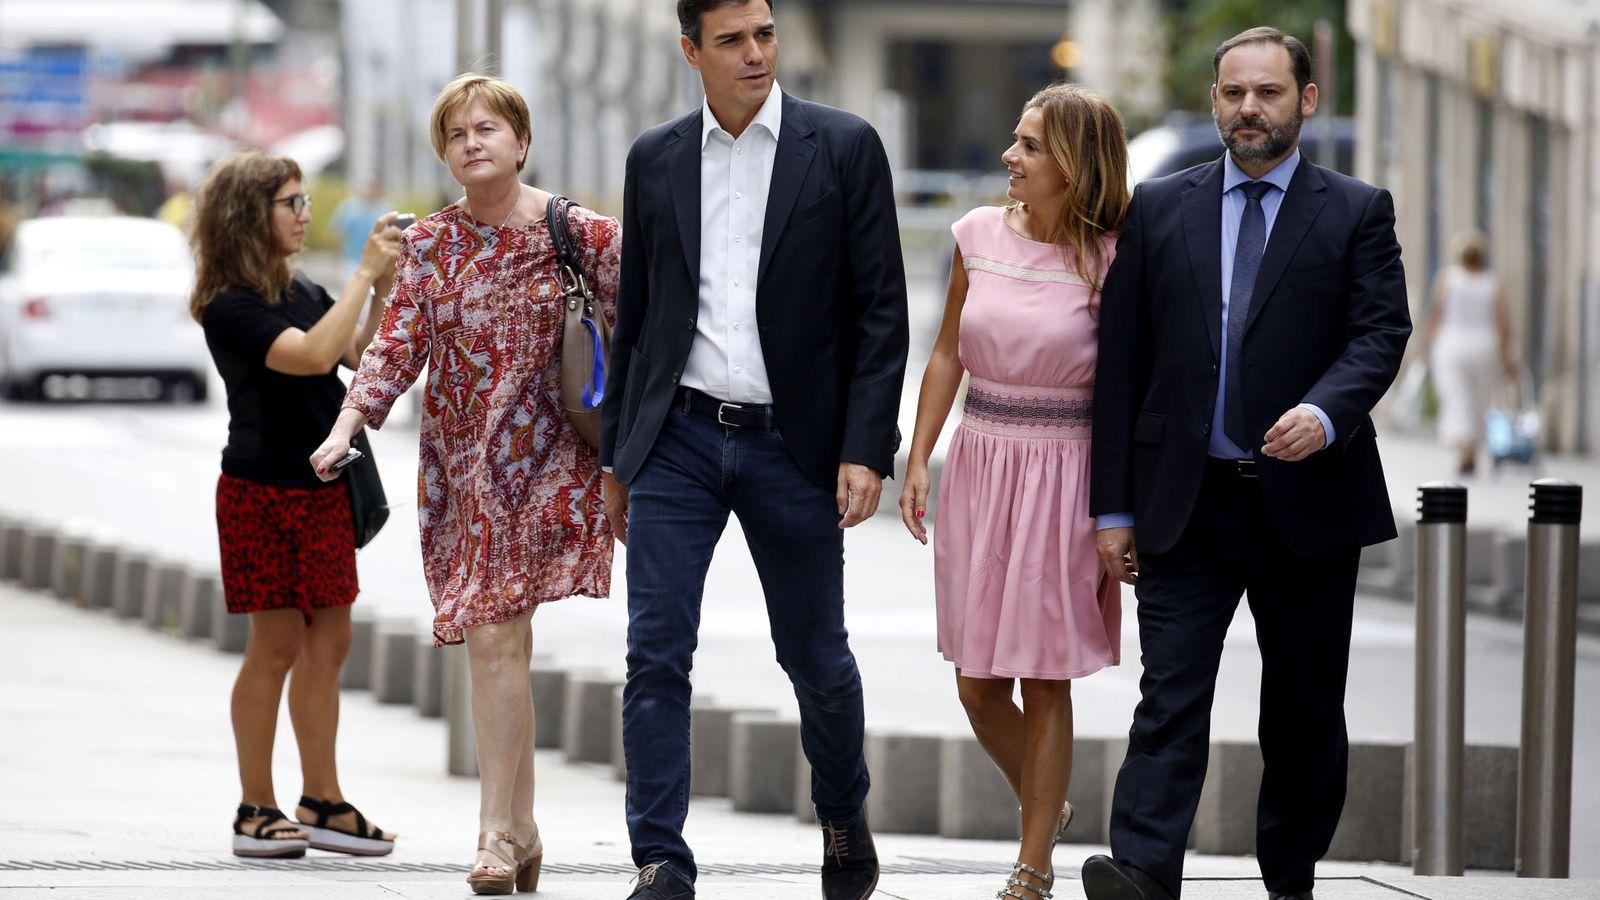 Foto: Isaura Leal, Susana Sumelzo y José Luis Ábalos, miembros de la ejecutiva federal, acompañan a Pedro Sánchez al Congreso el pasado 20 de junio. (EFE)